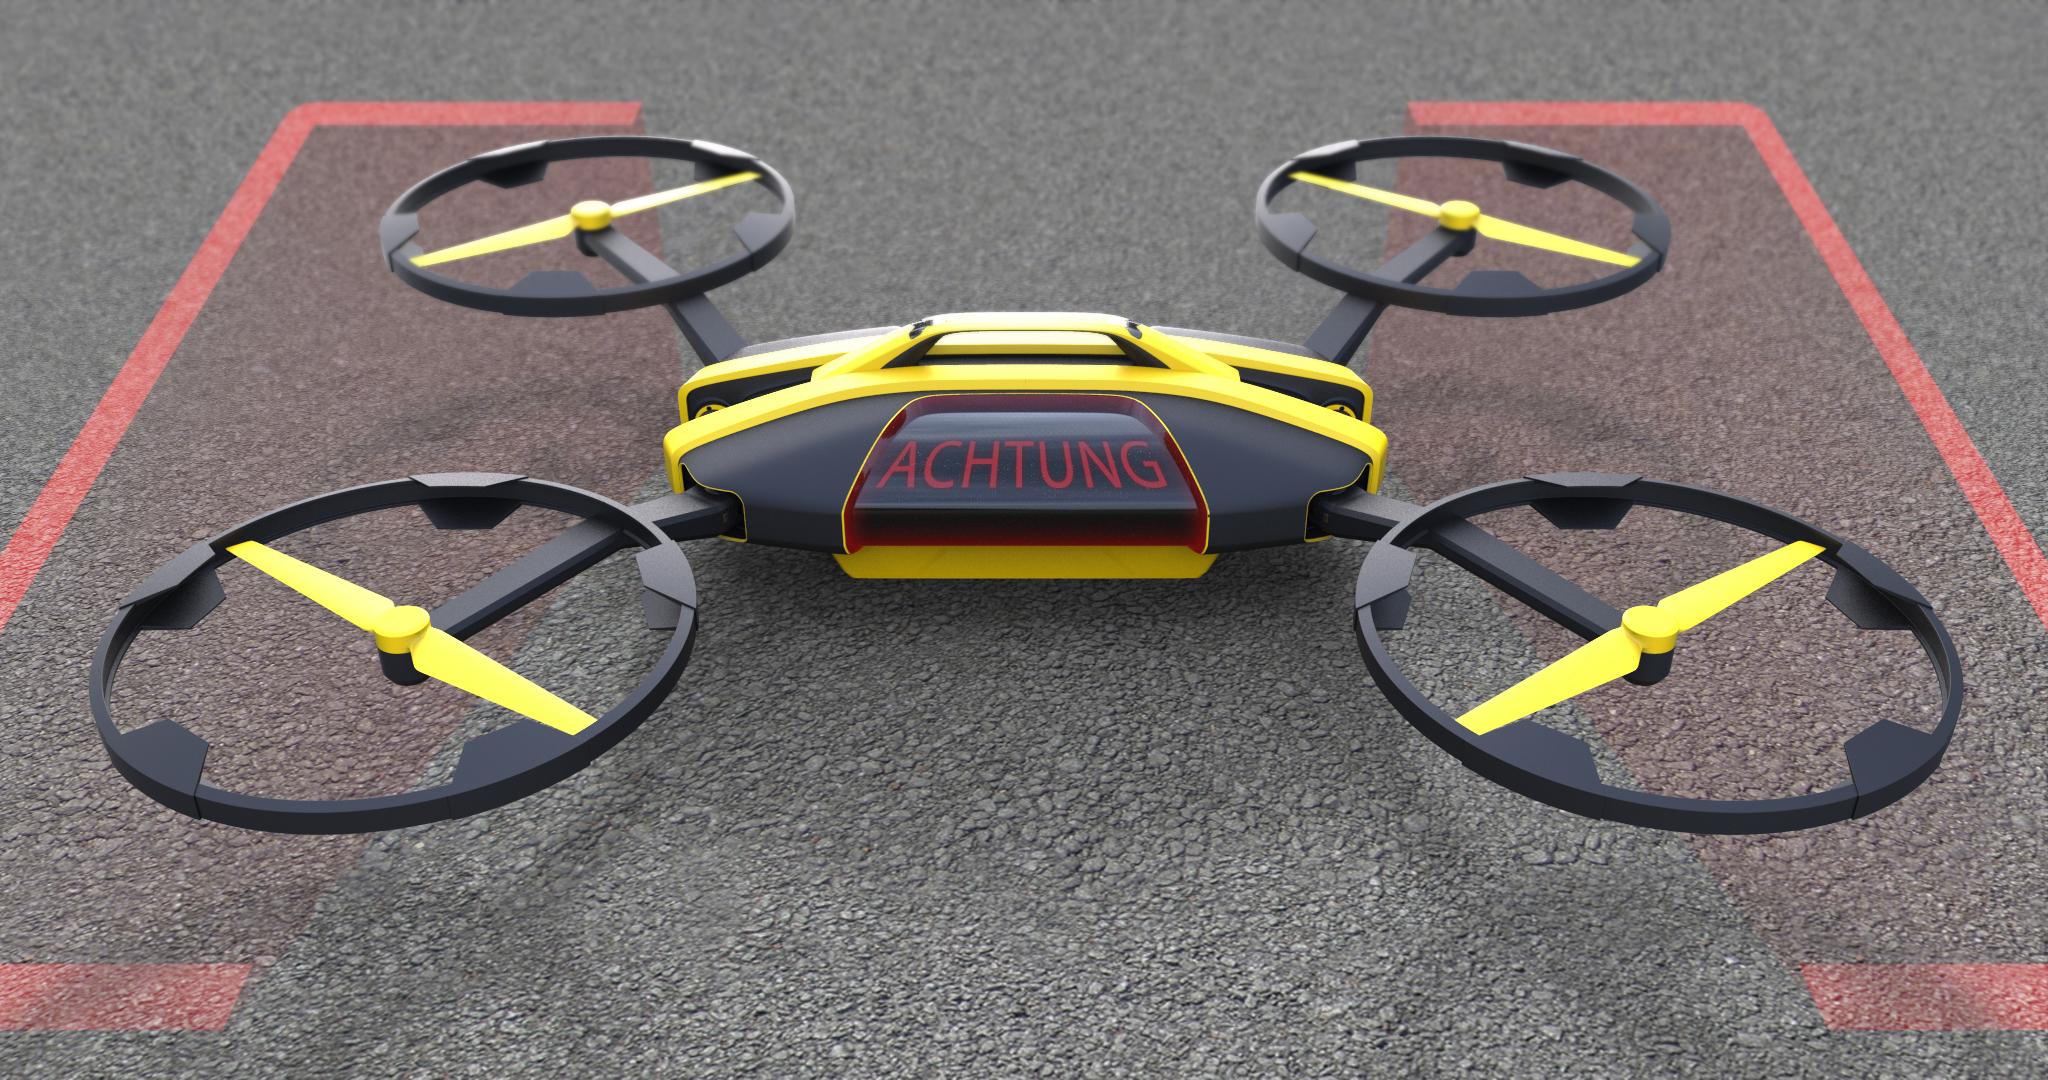 Entwurf: Armin Schellmann und Christopher Hable I ÖAMTC Drohne